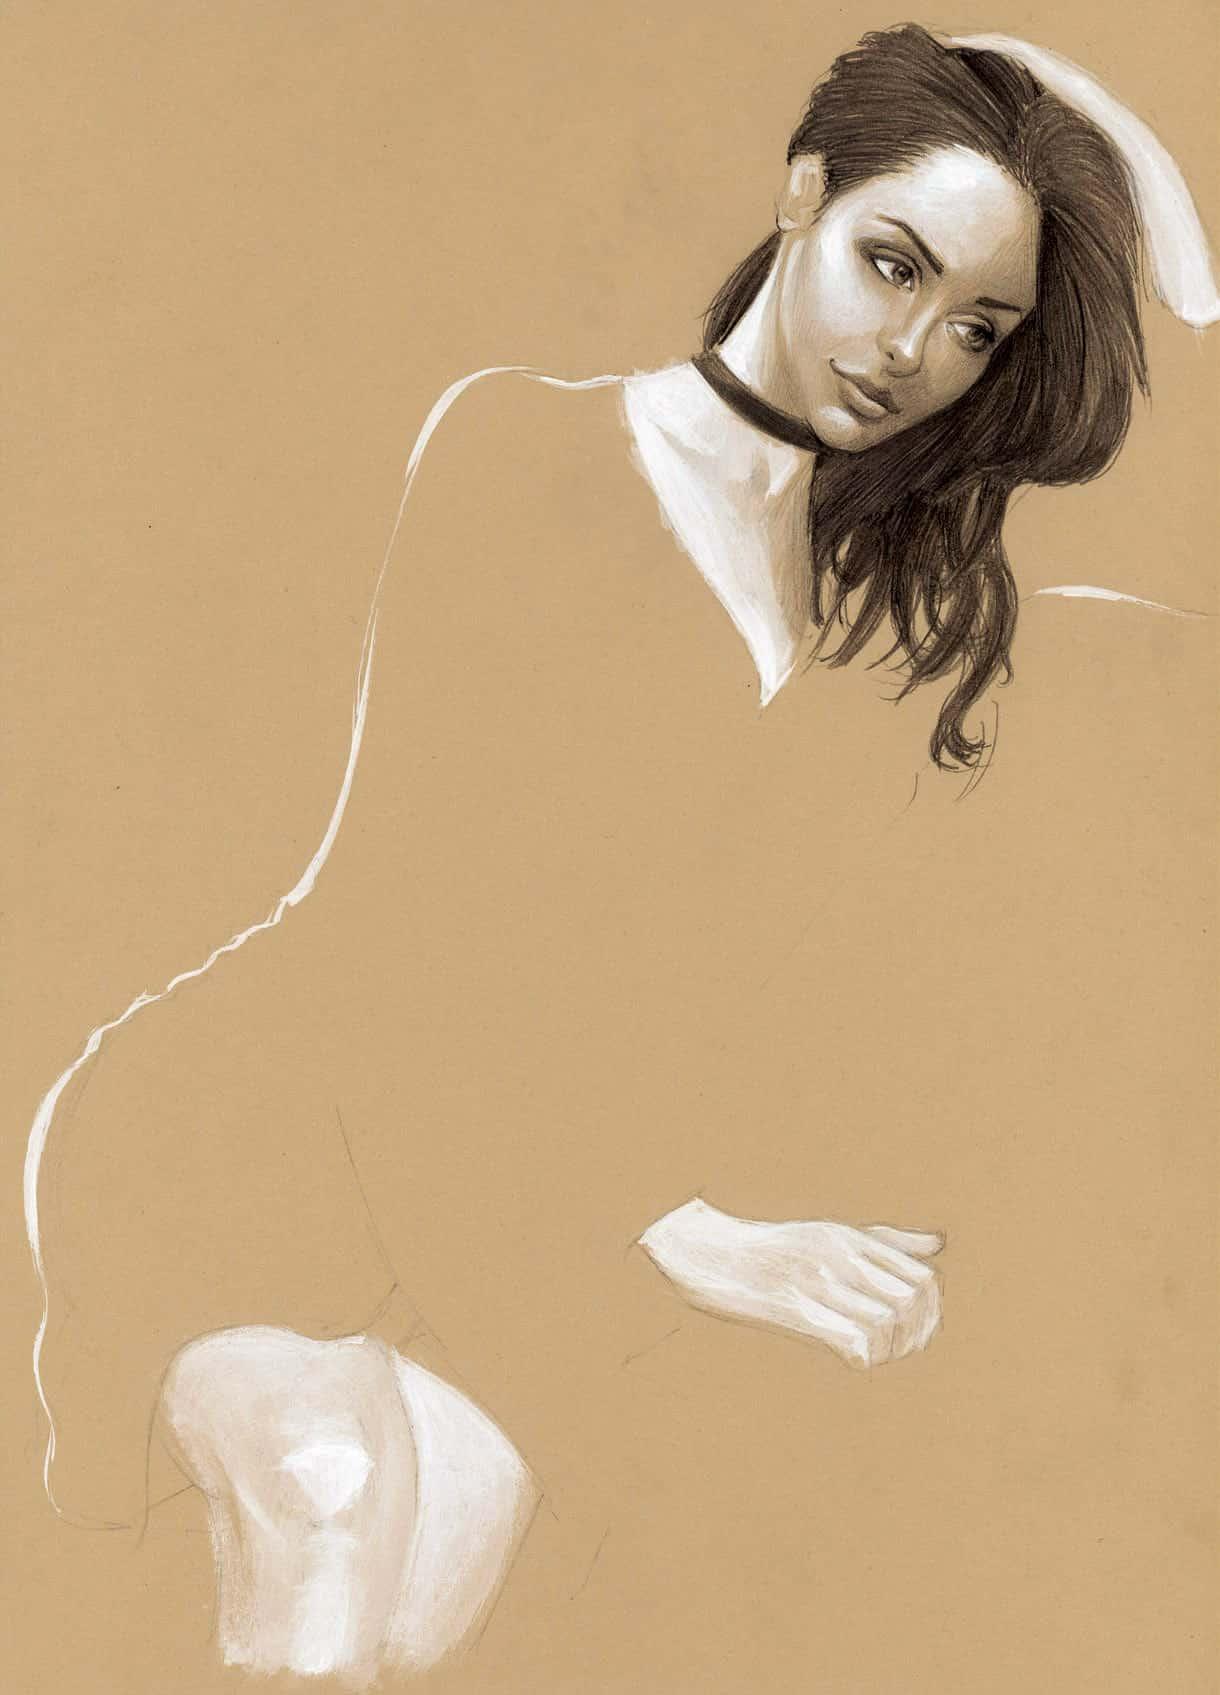 Peinture acrylique & crayon à papier